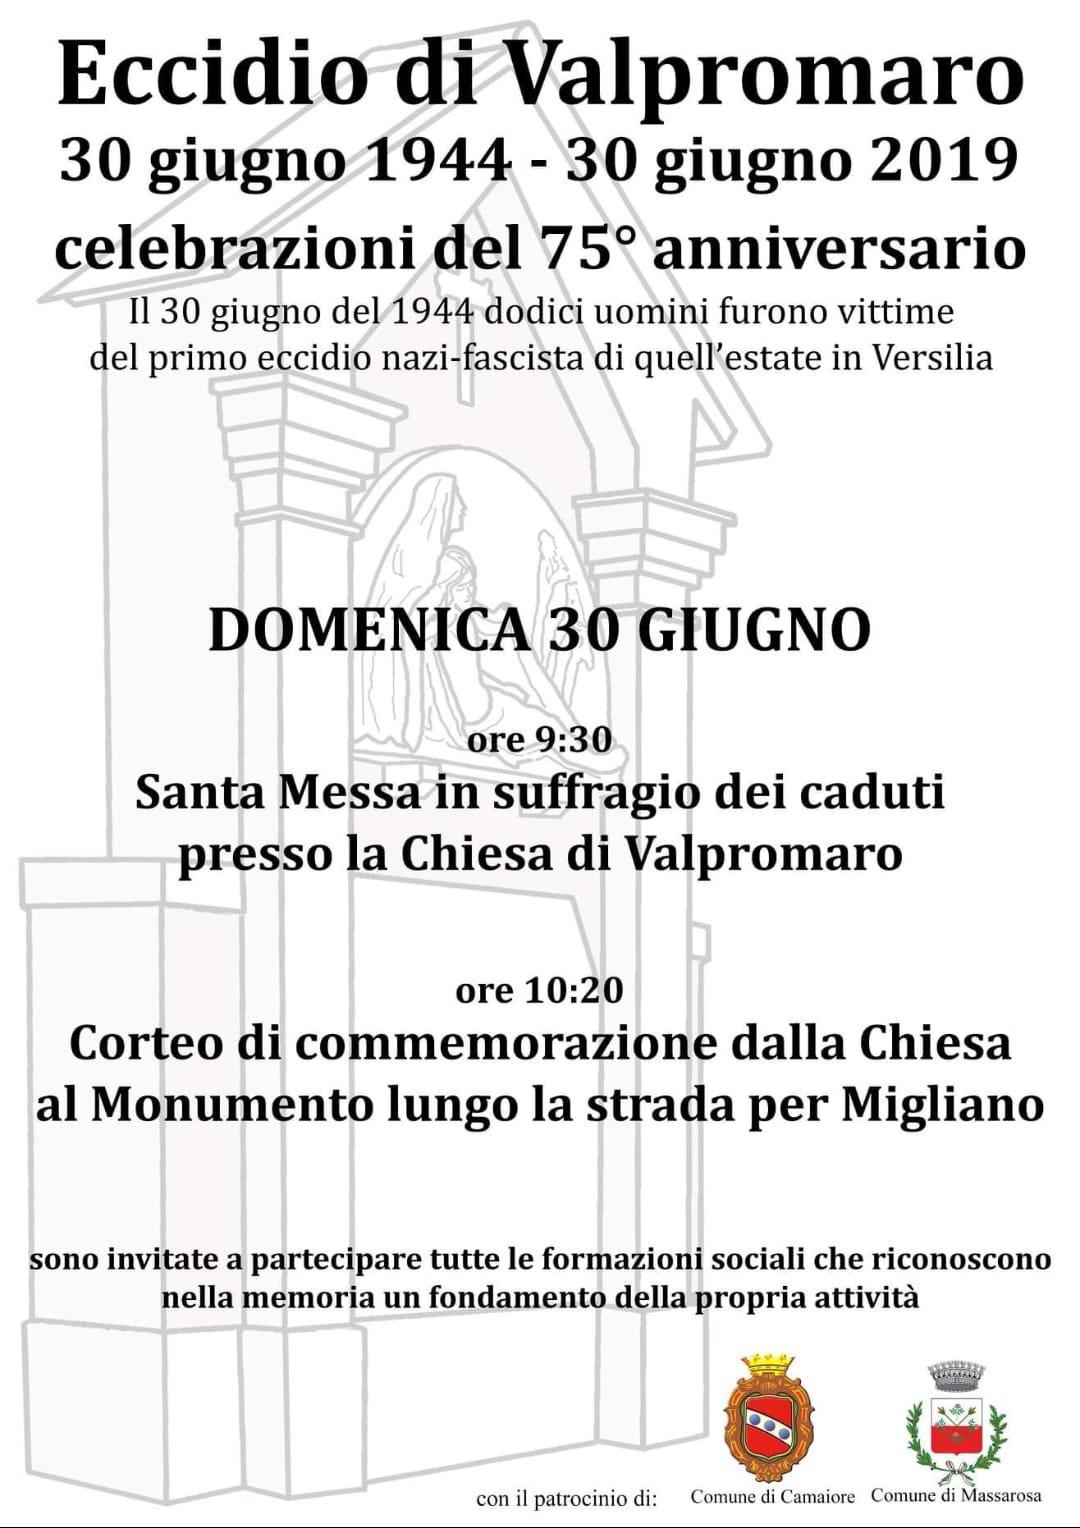 Commemorazioni per l'anniversario dell'Eccidio di Valpromaro